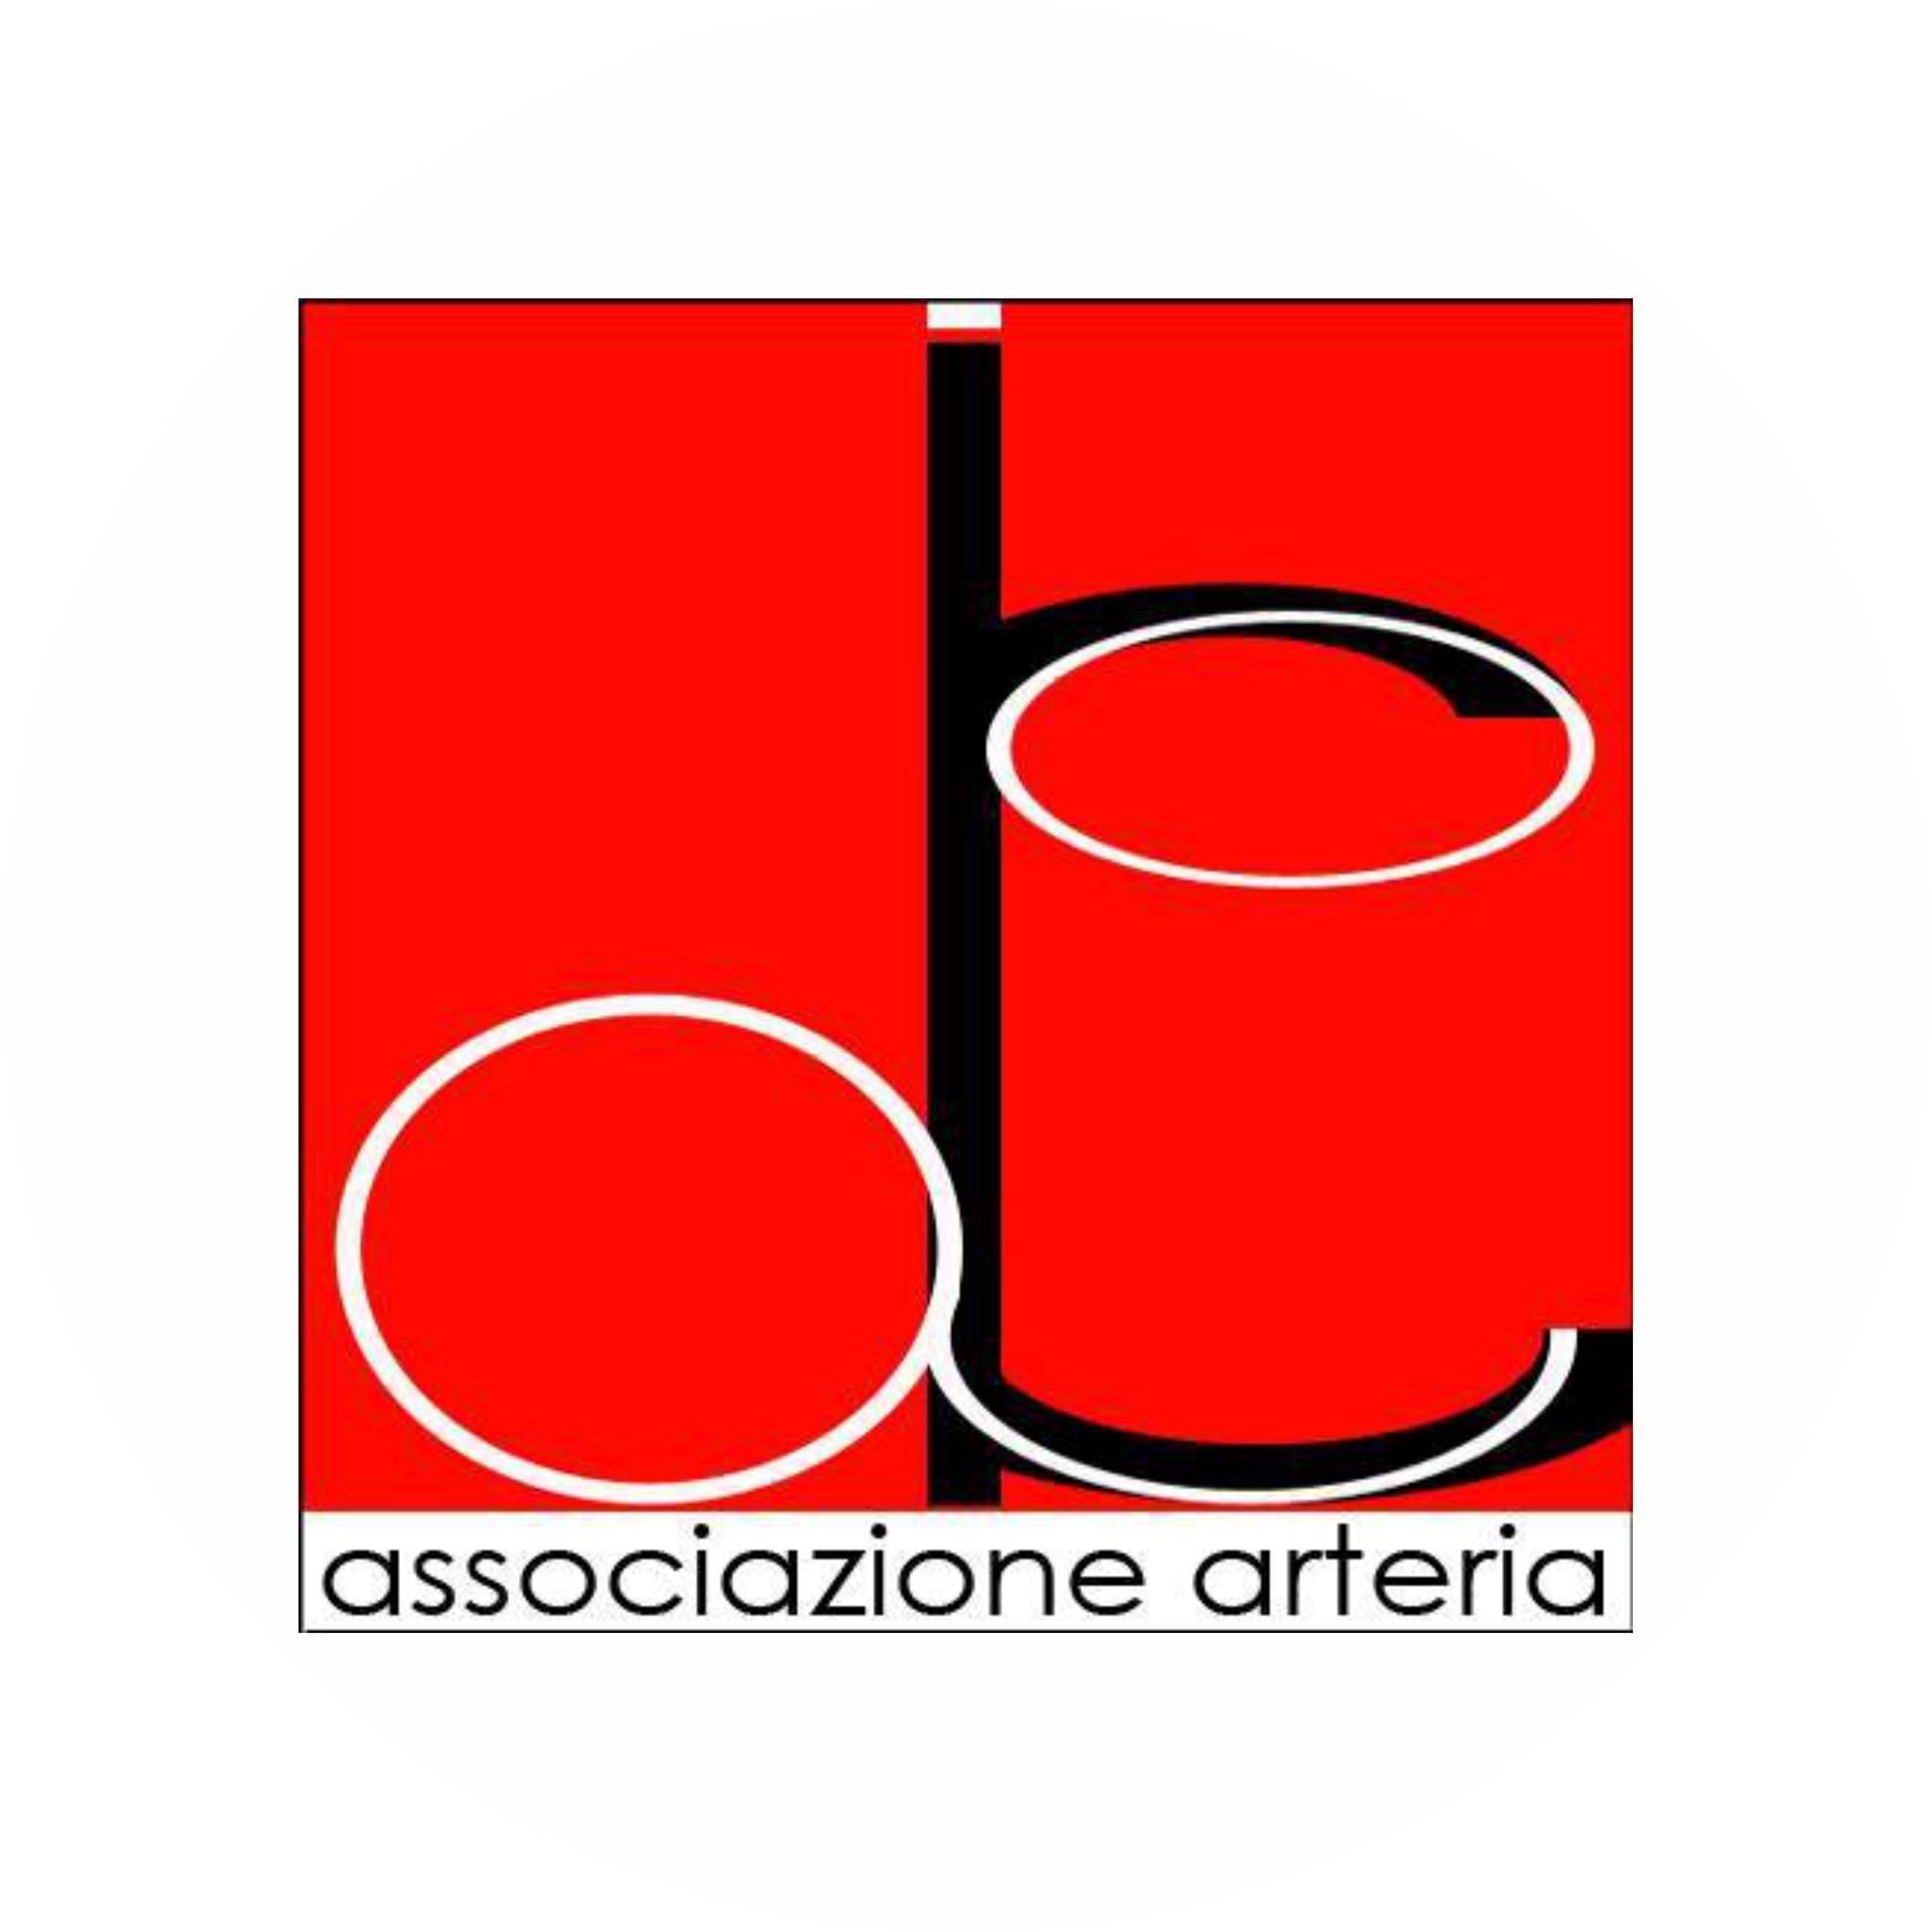 associazione arteria